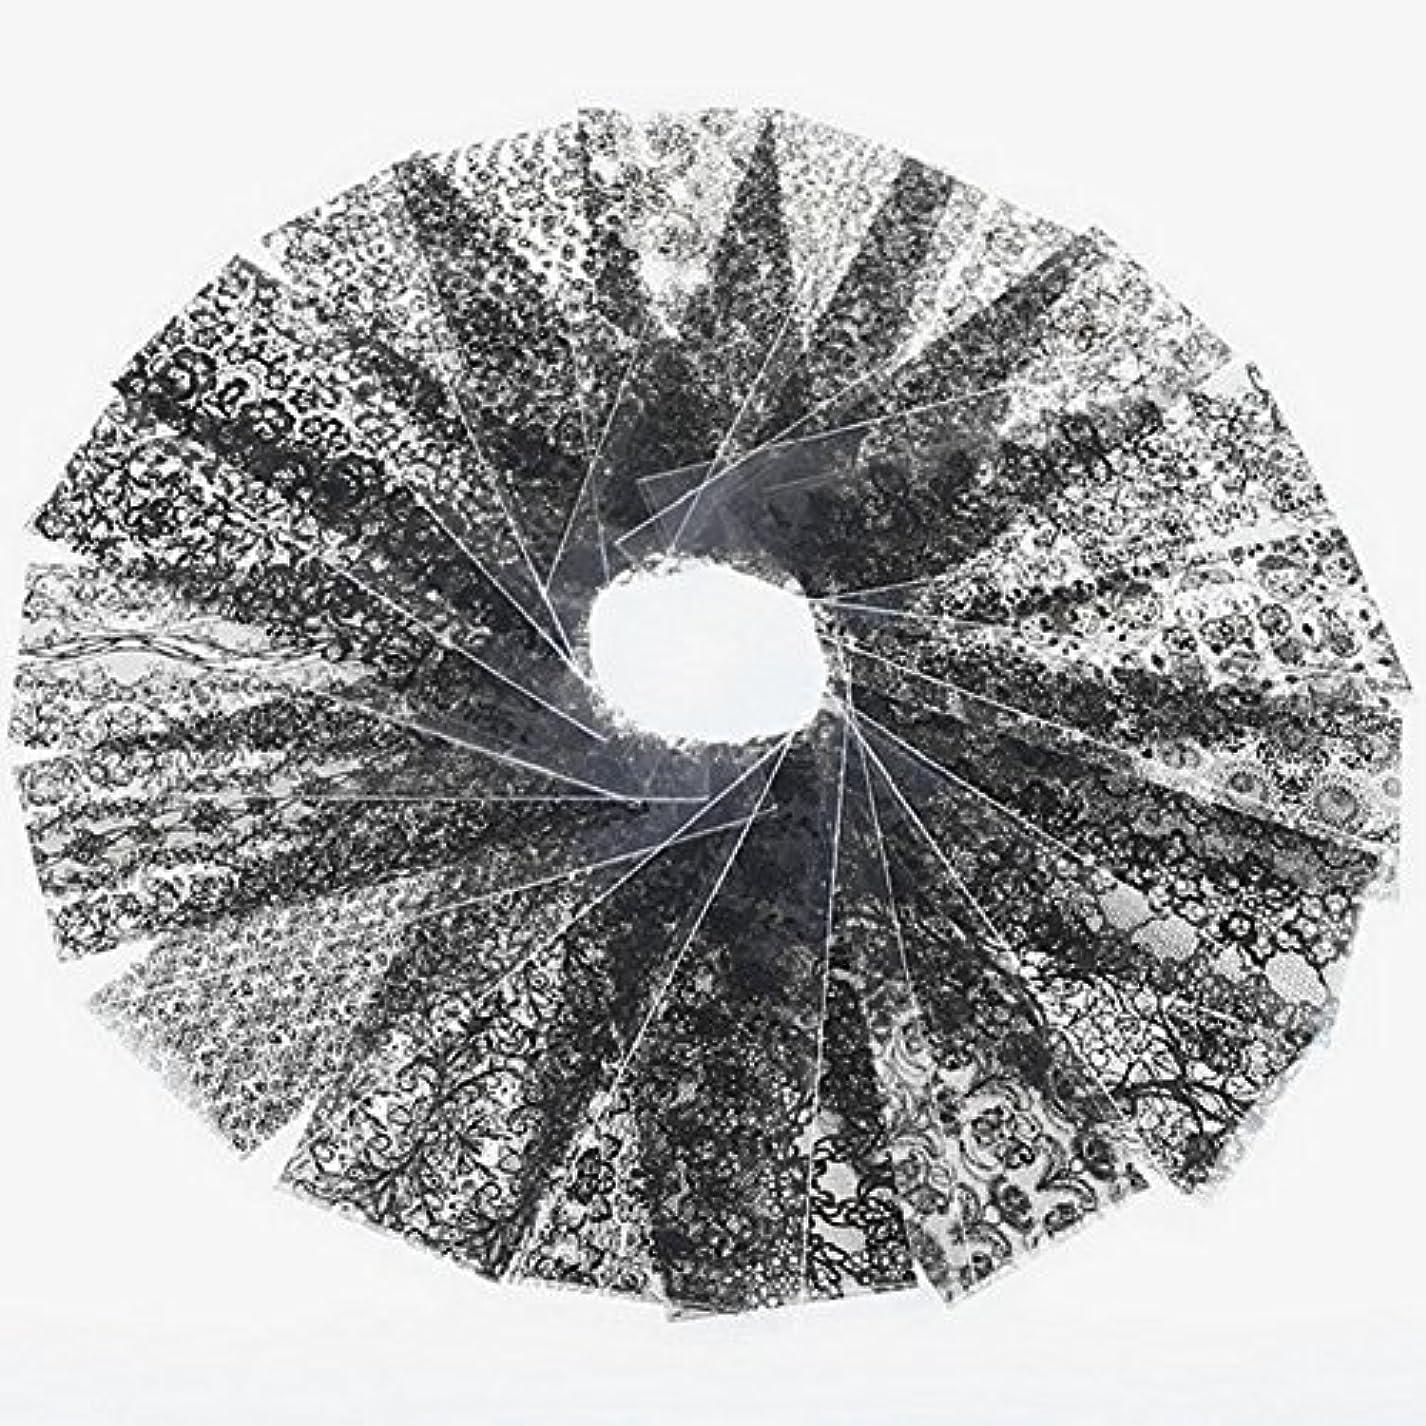 ルーテメリティマーチャンダイザーDemiawaking ネイルシール ステッカー 可愛いレースシリーズ ネイル装飾 ネイルアートデコレーション DIY 飾り 20枚